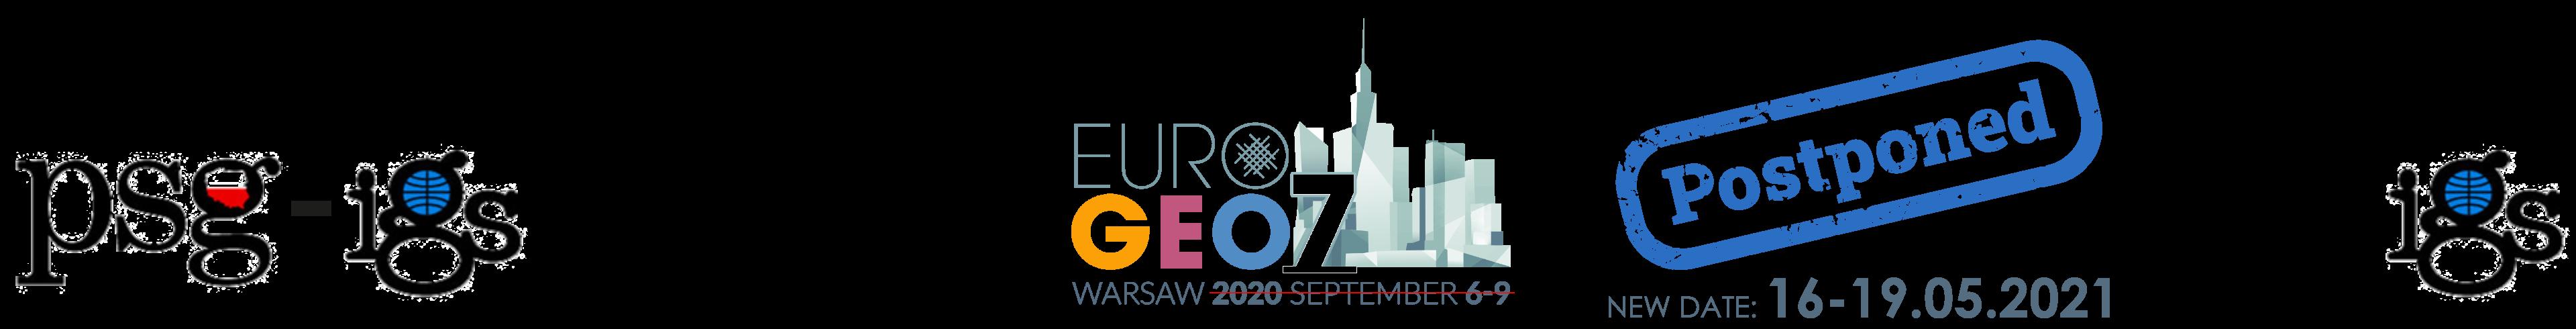 EuroGeo 7